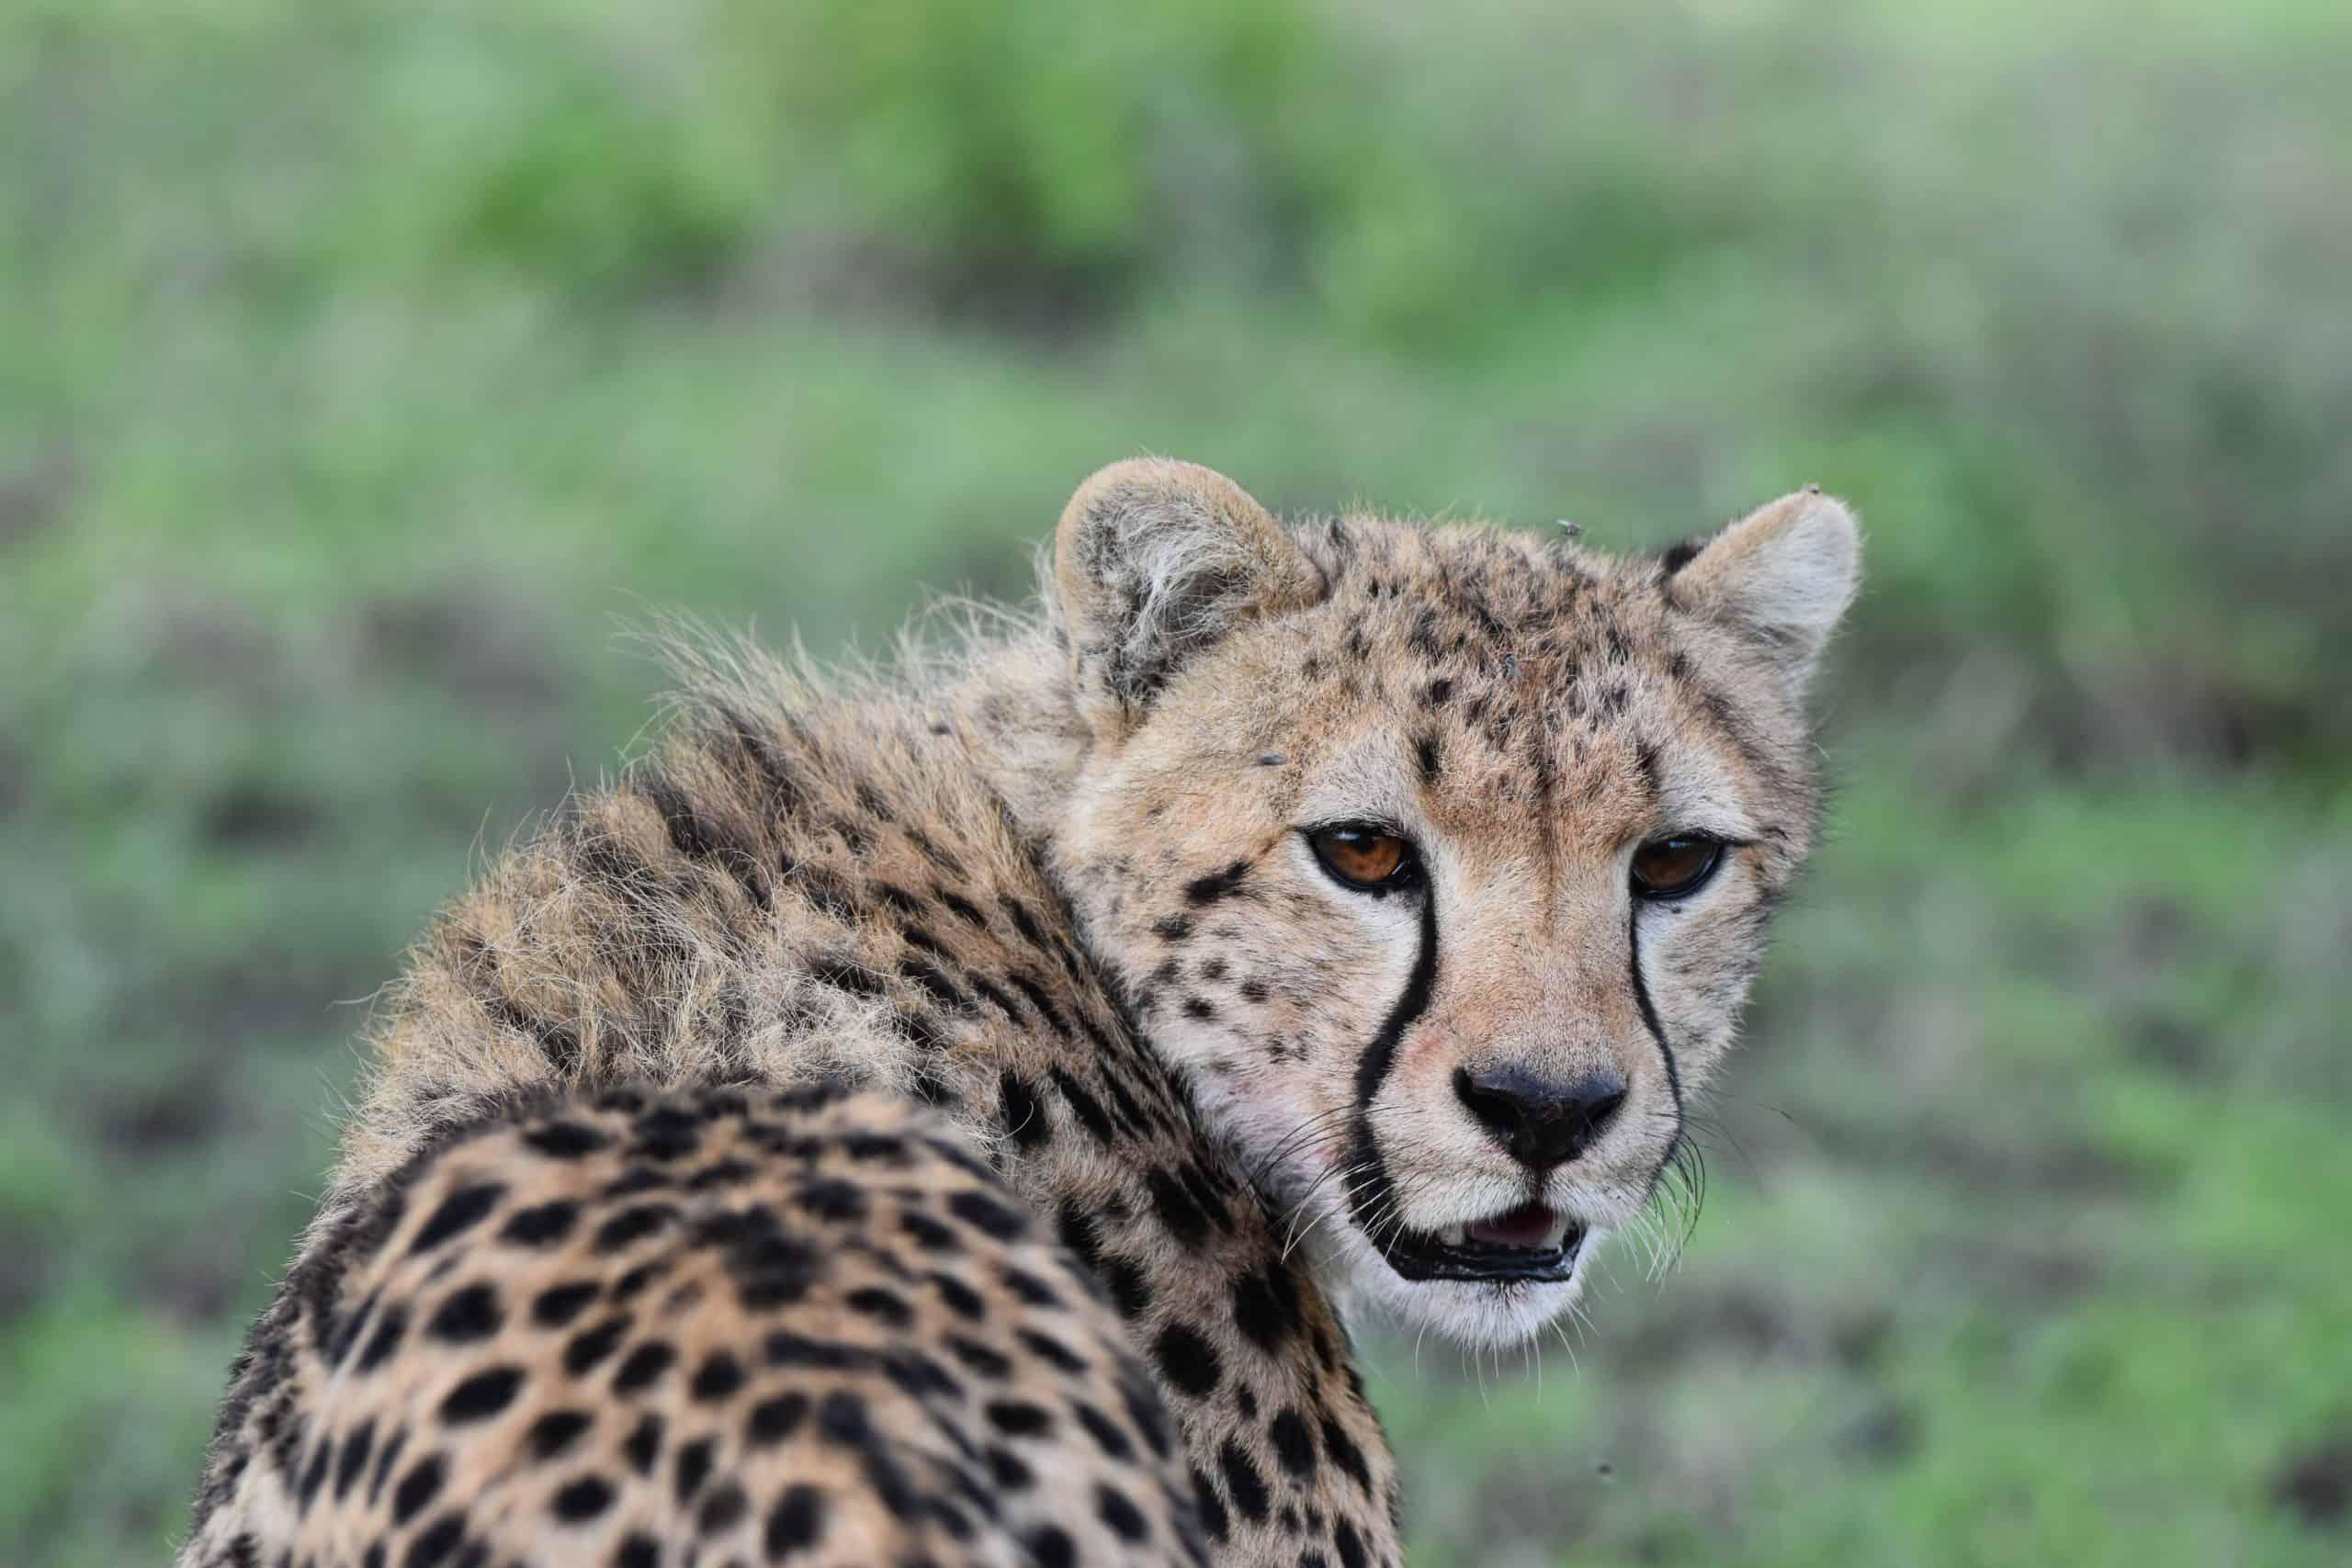 Cheetah turns to look back at the camera, Serengeti